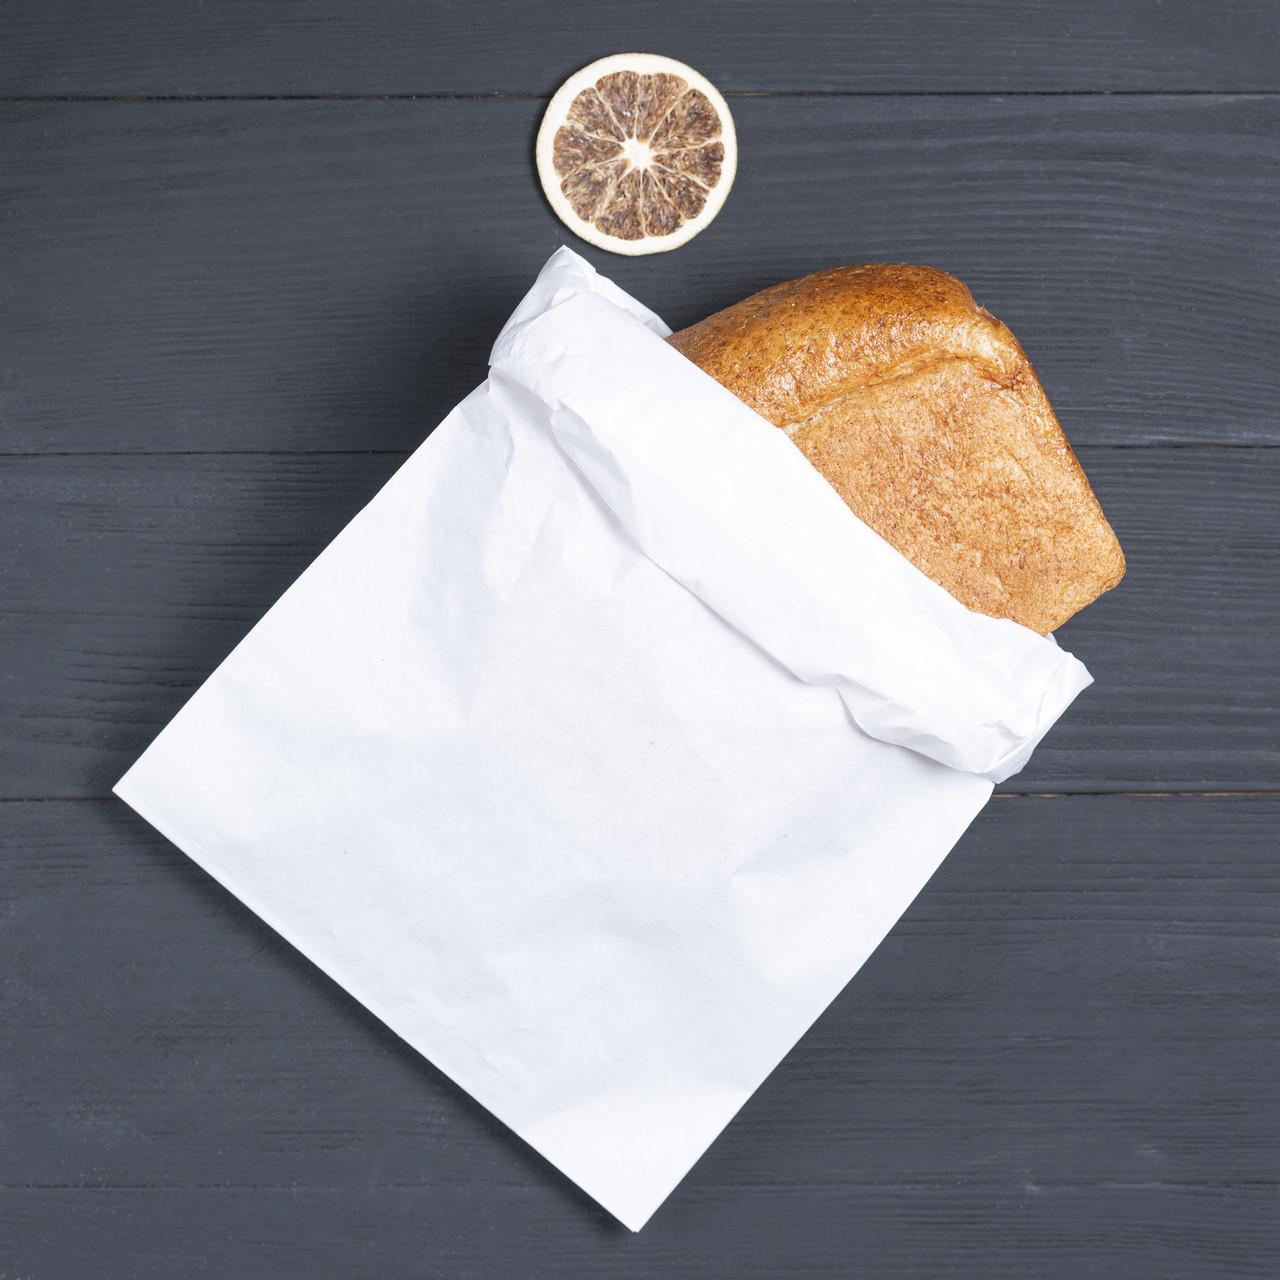 Крафт пакет саше белый 220*80*380 мм бумажный пакет под выпечку